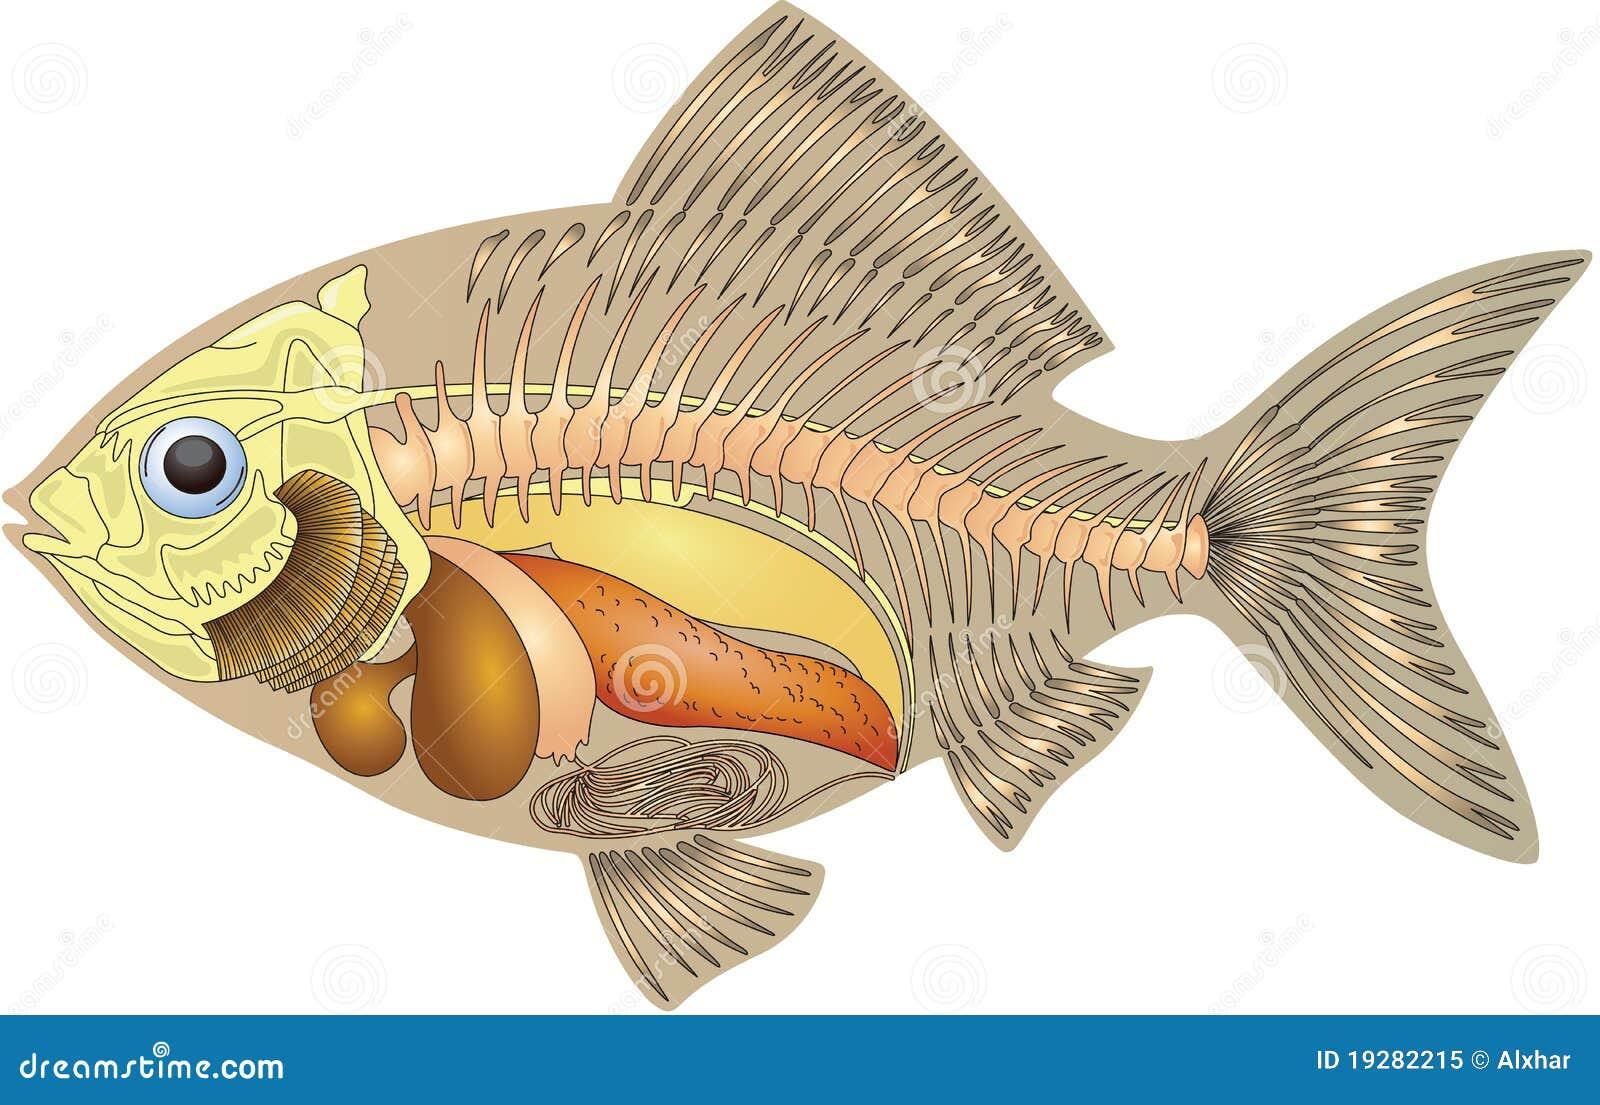 Anatomía de un pescado stock de ilustración. Ilustración de ciencia ...